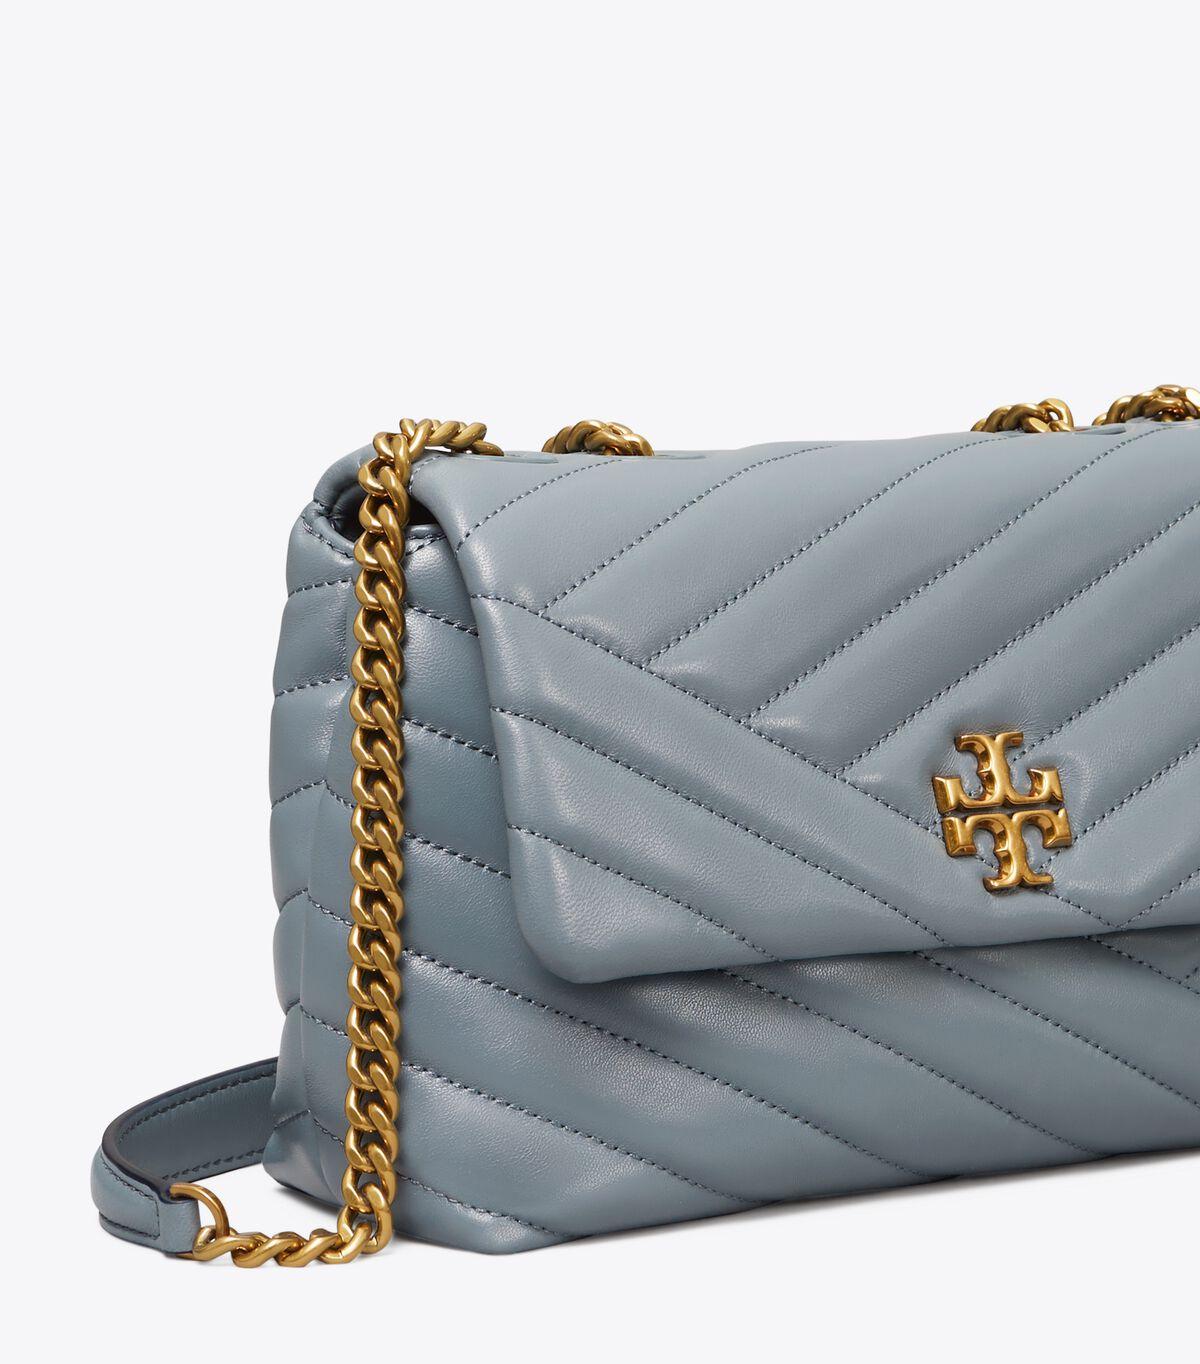 حقيبة كتف كيرا شيفرون صغيرة قابلة للتحويل